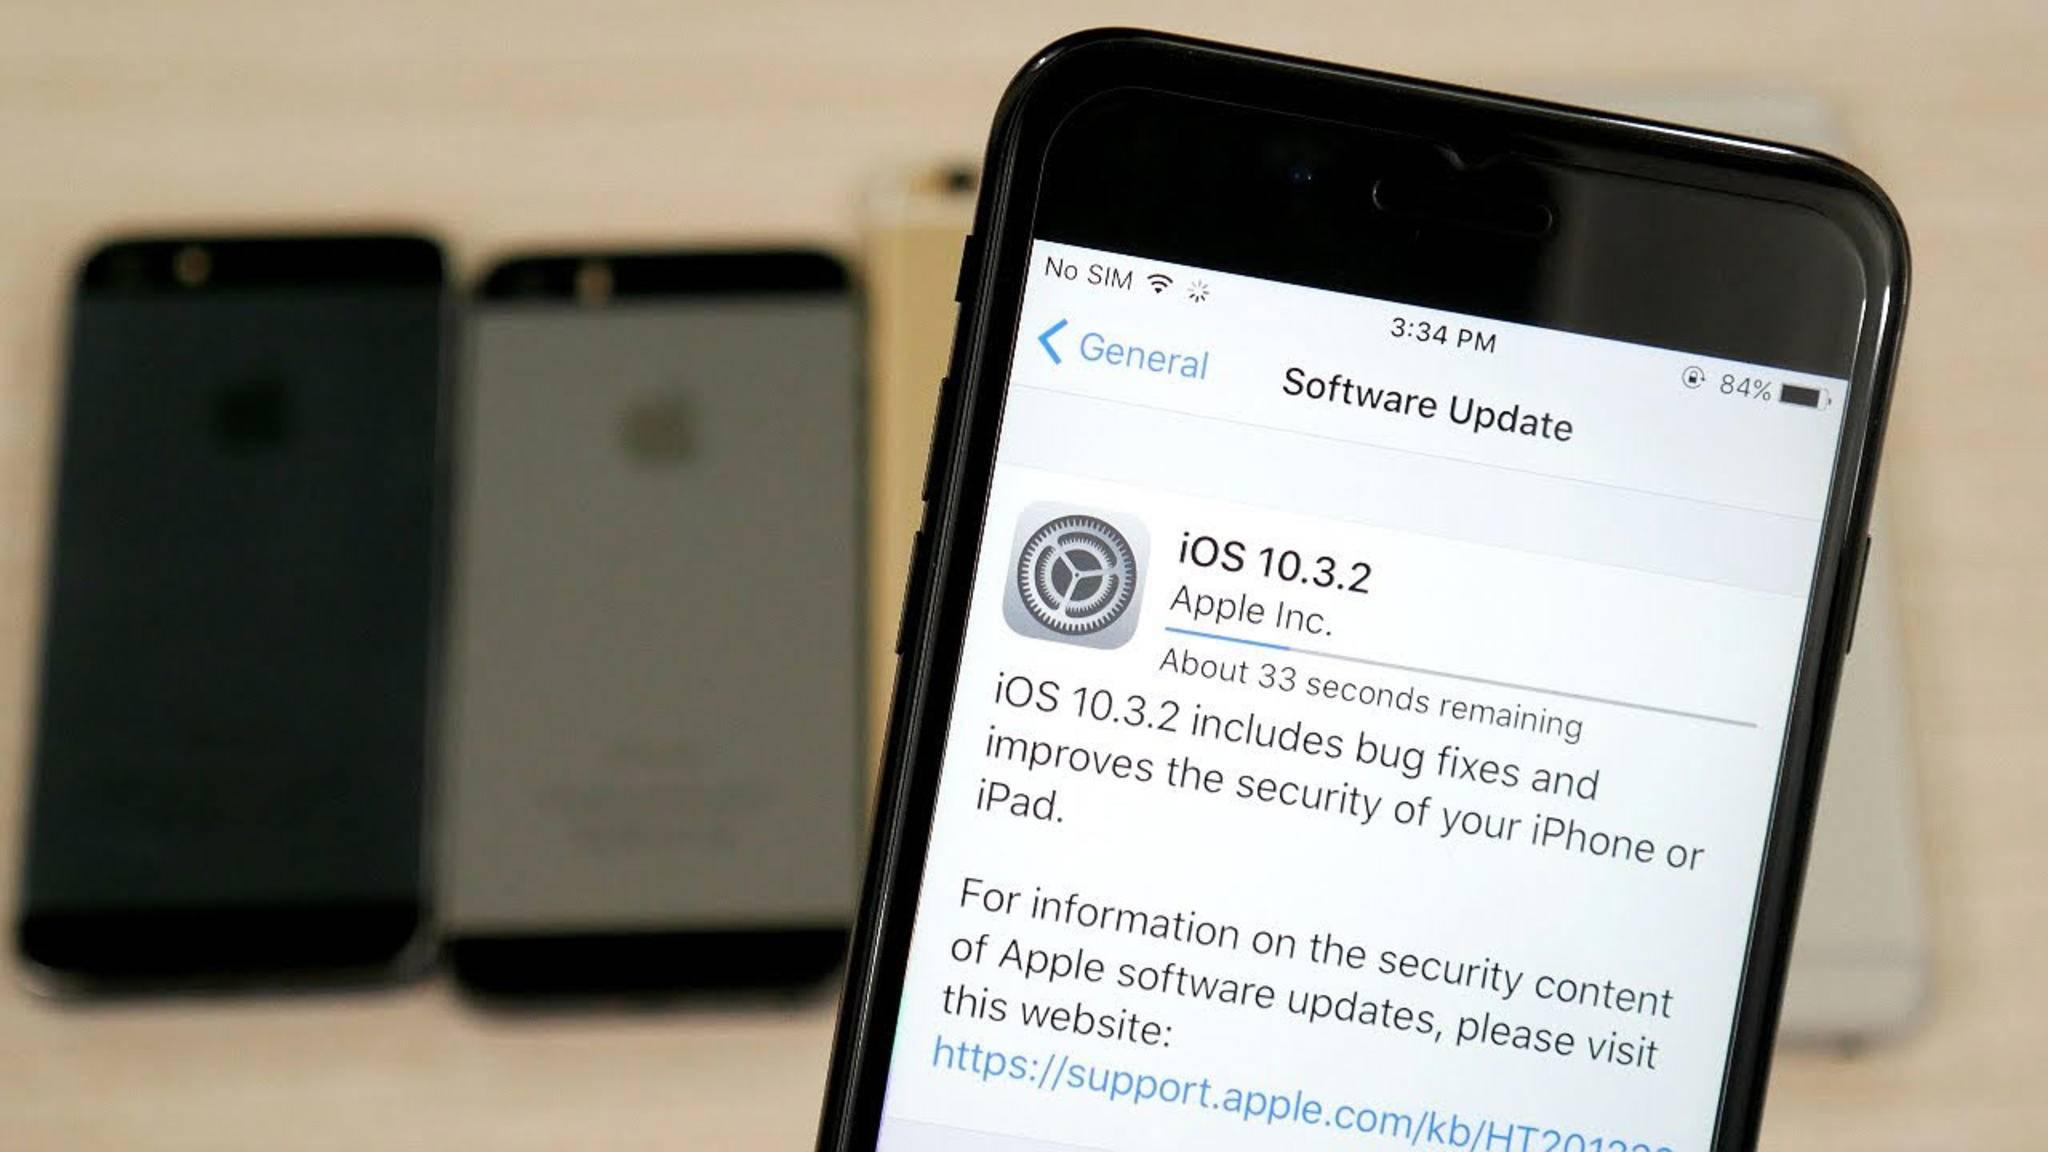 Neue Updates landen sofort auf dem iPhone – davon können die meisten Android-Besitzer nur träumen.